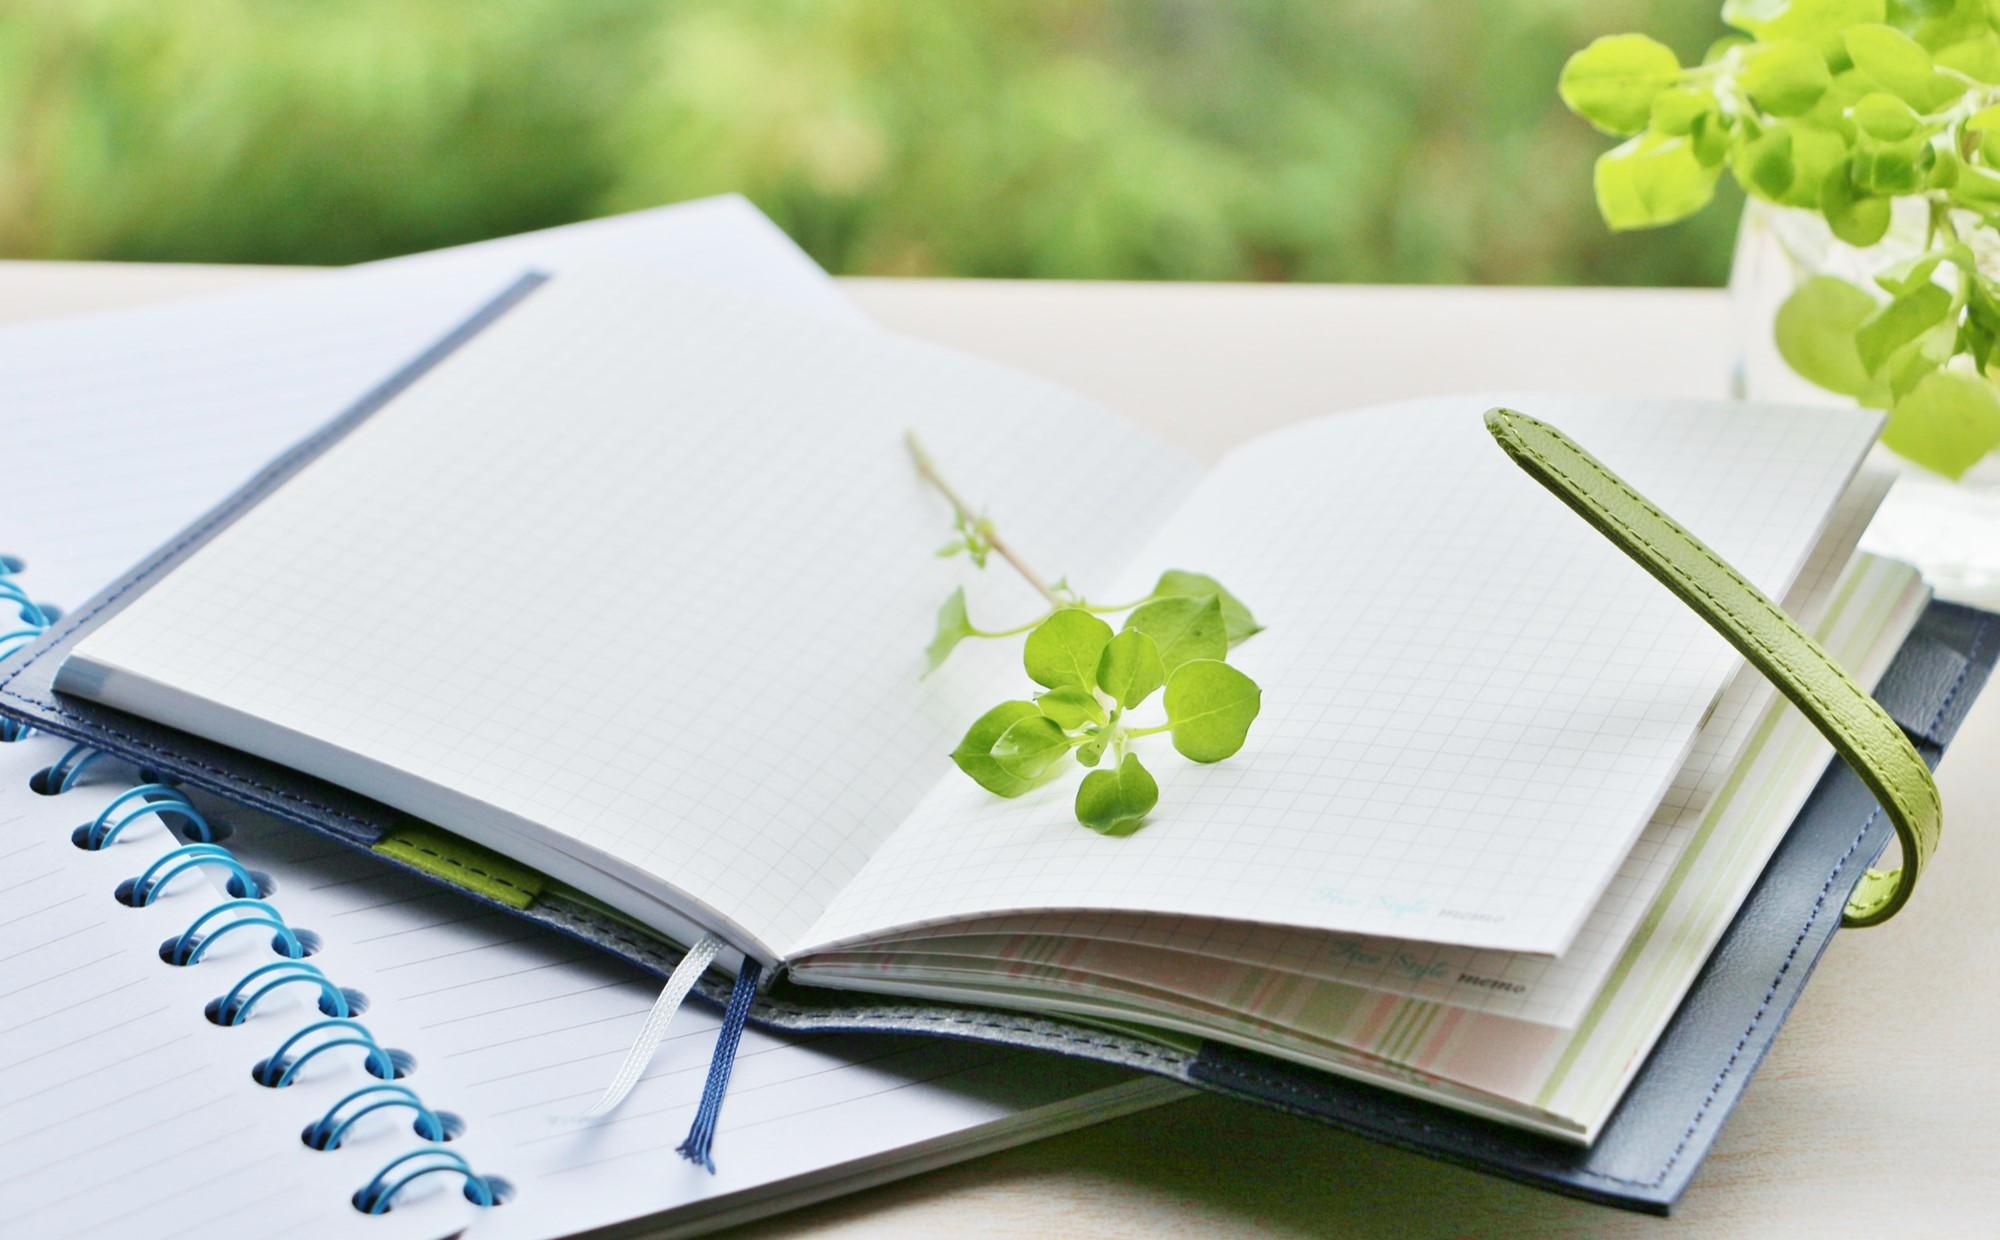 人生を成功させたいなら「〇〇すればいい」というシンプルな方法とは?